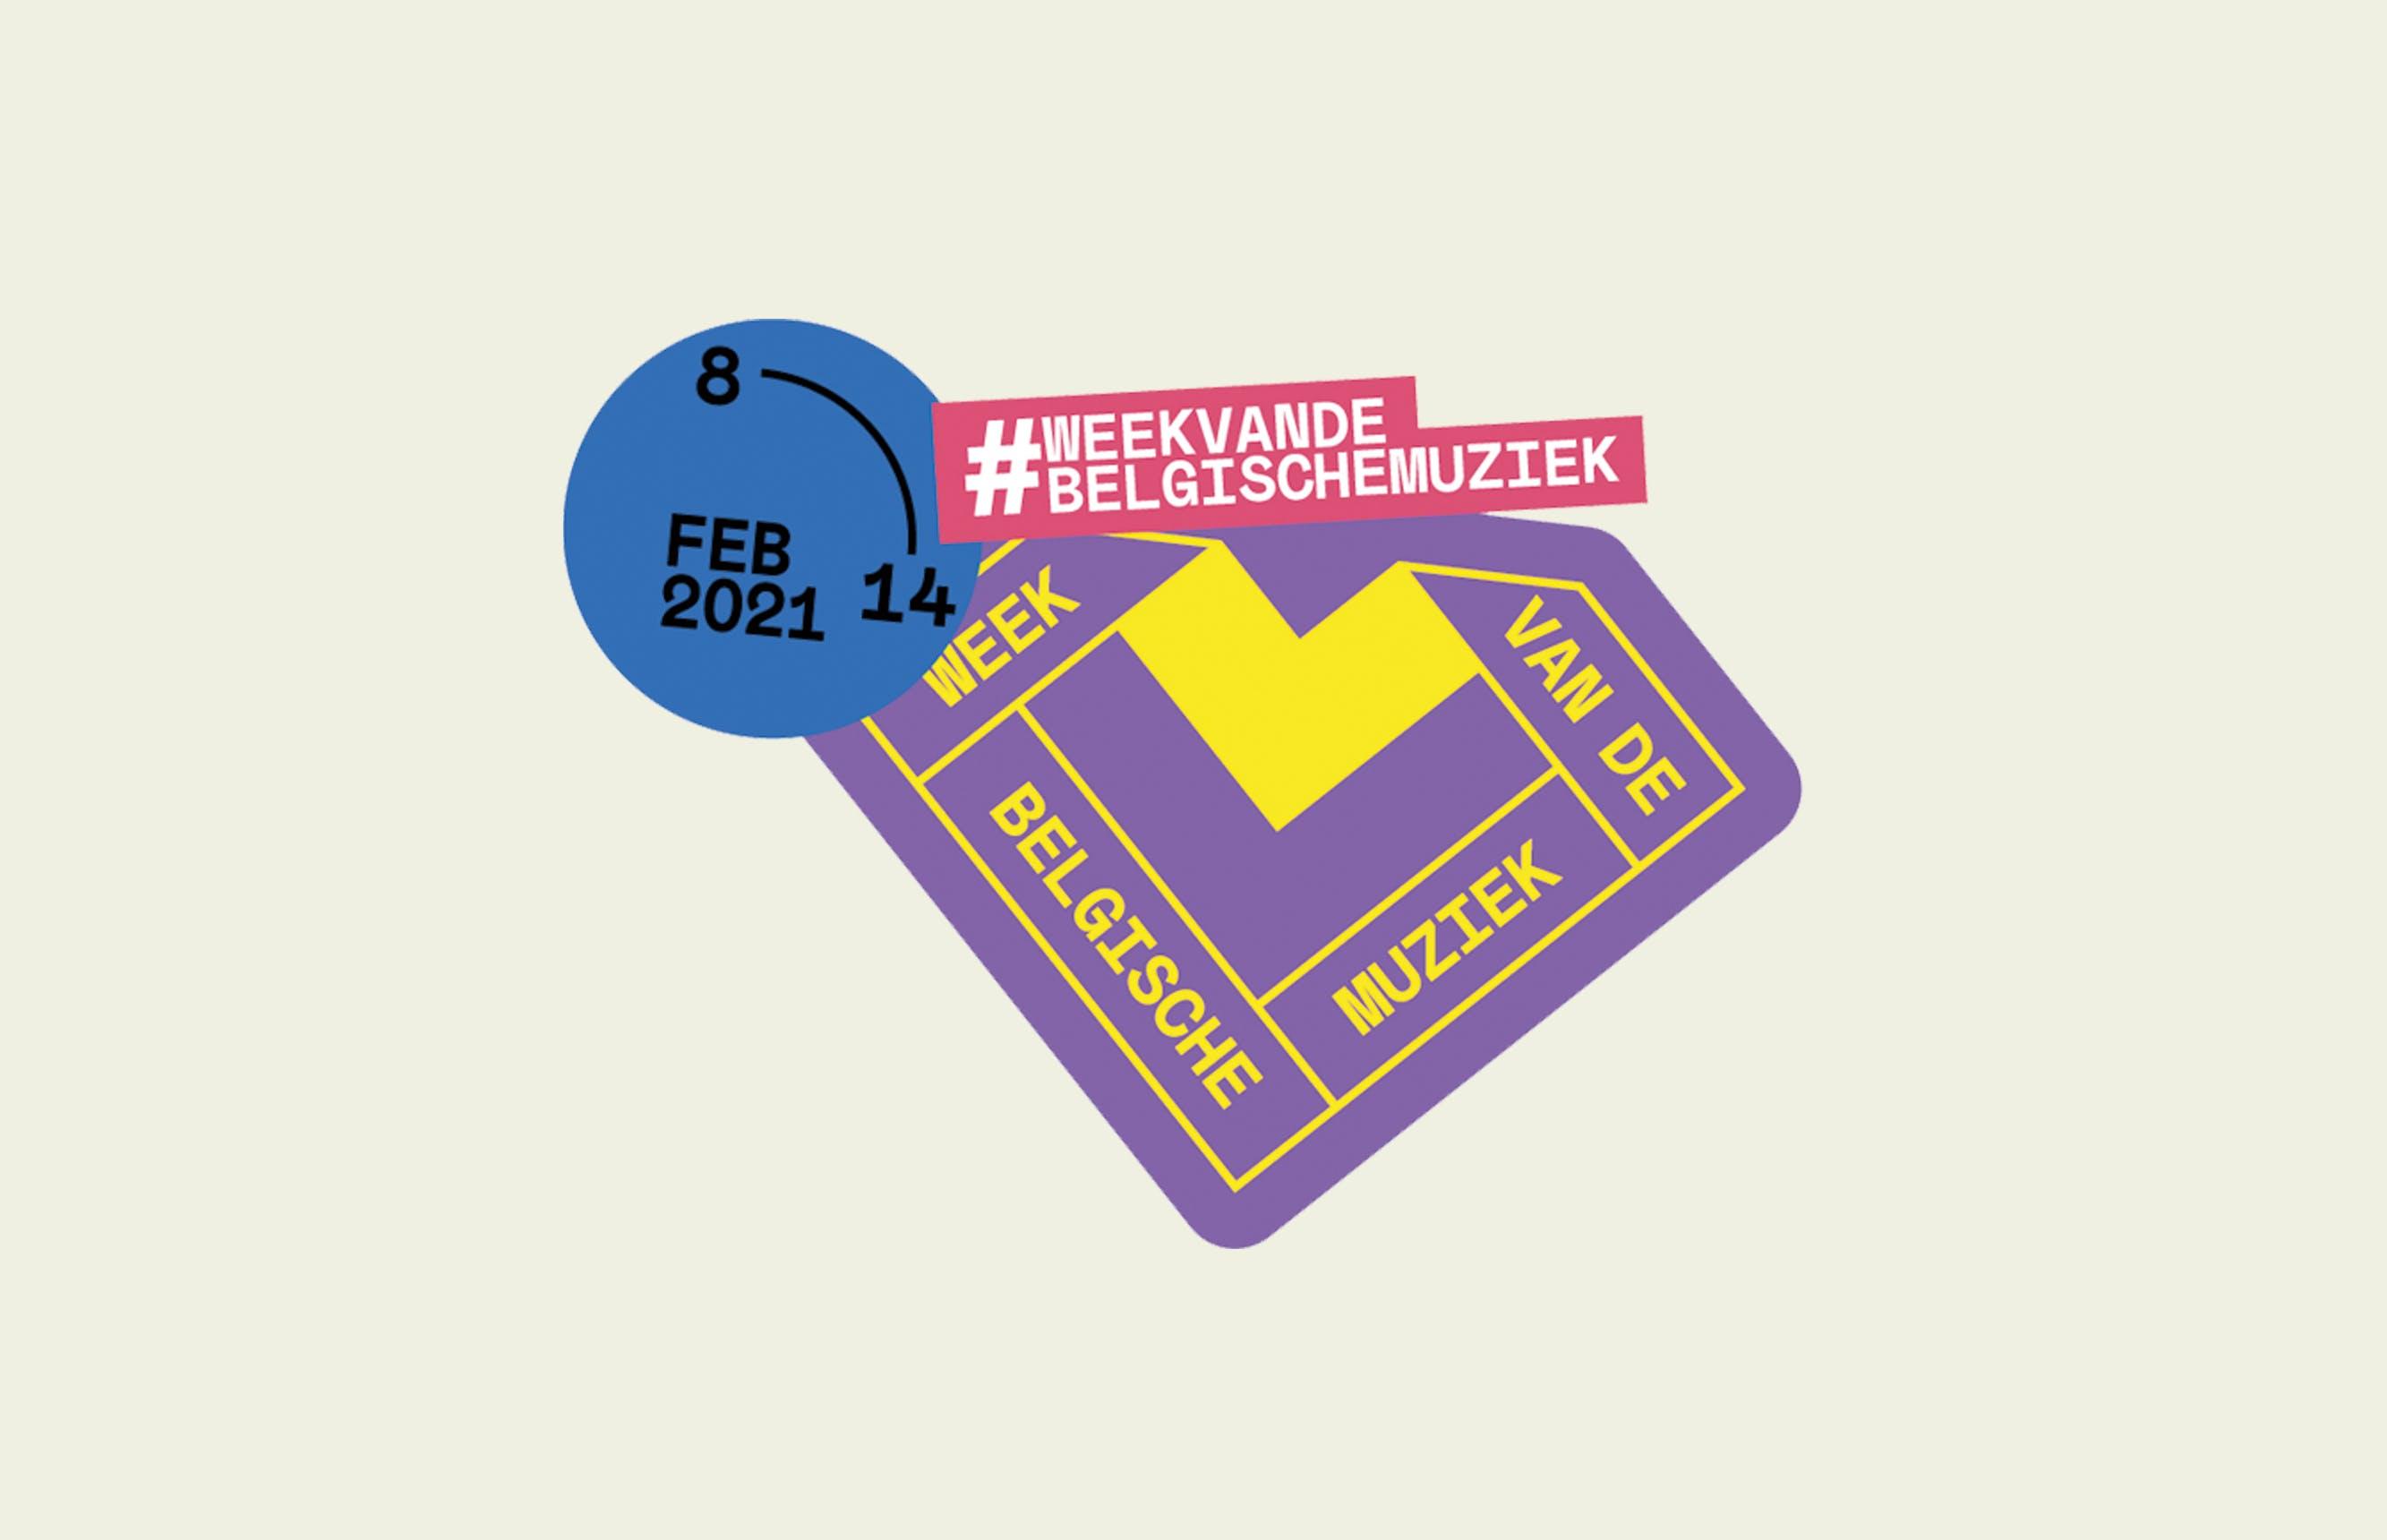 Week van de Belgische muziek: één grootschalige liefdesverklaring aan muziek van eigen bodem